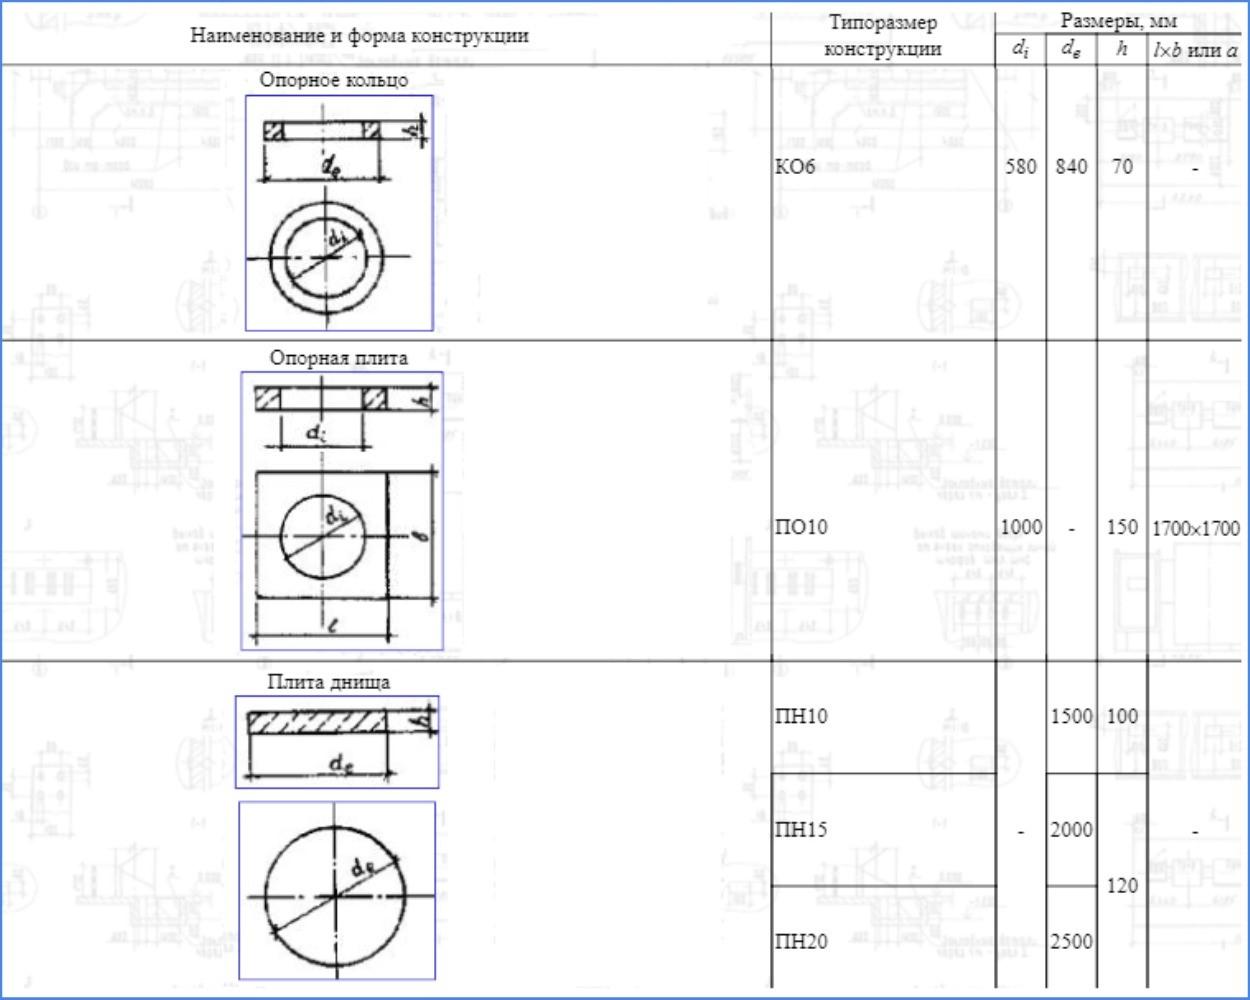 Параметры опорных колец КО и плит ПО, ПН по ГОСТ 8020-90